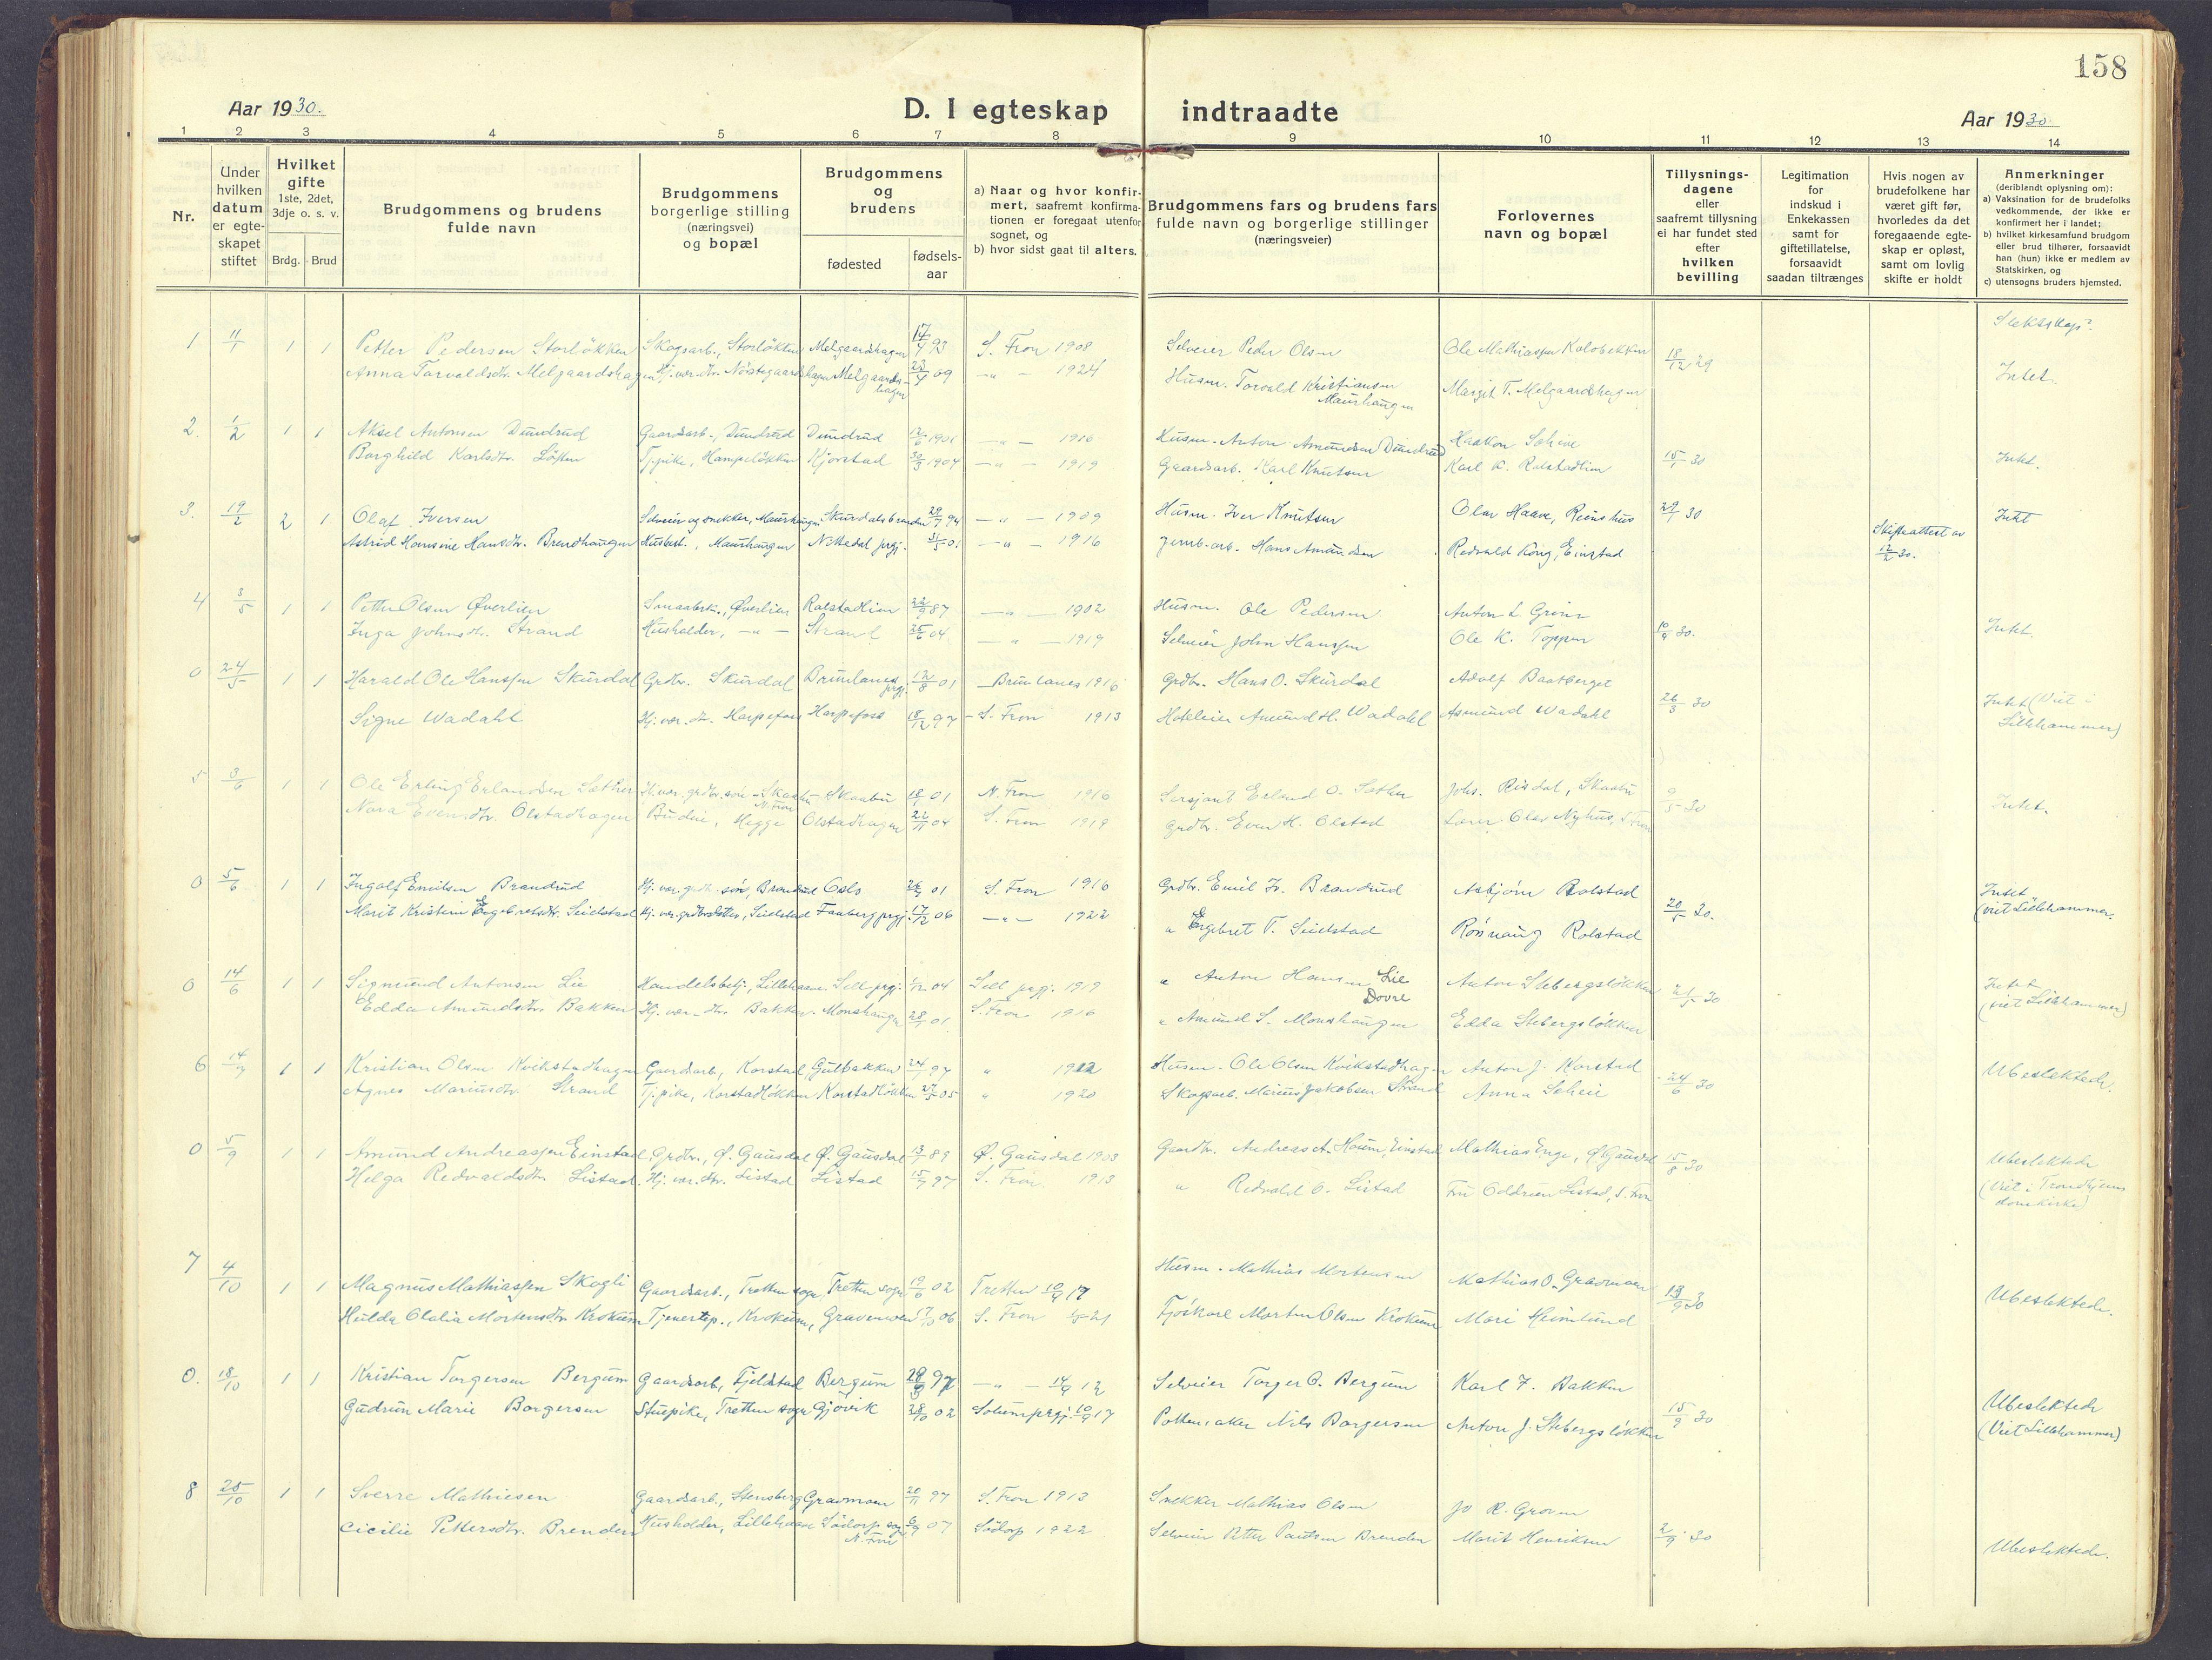 SAH, Sør-Fron prestekontor, H/Ha/Haa/L0005: Ministerialbok nr. 5, 1920-1933, s. 158